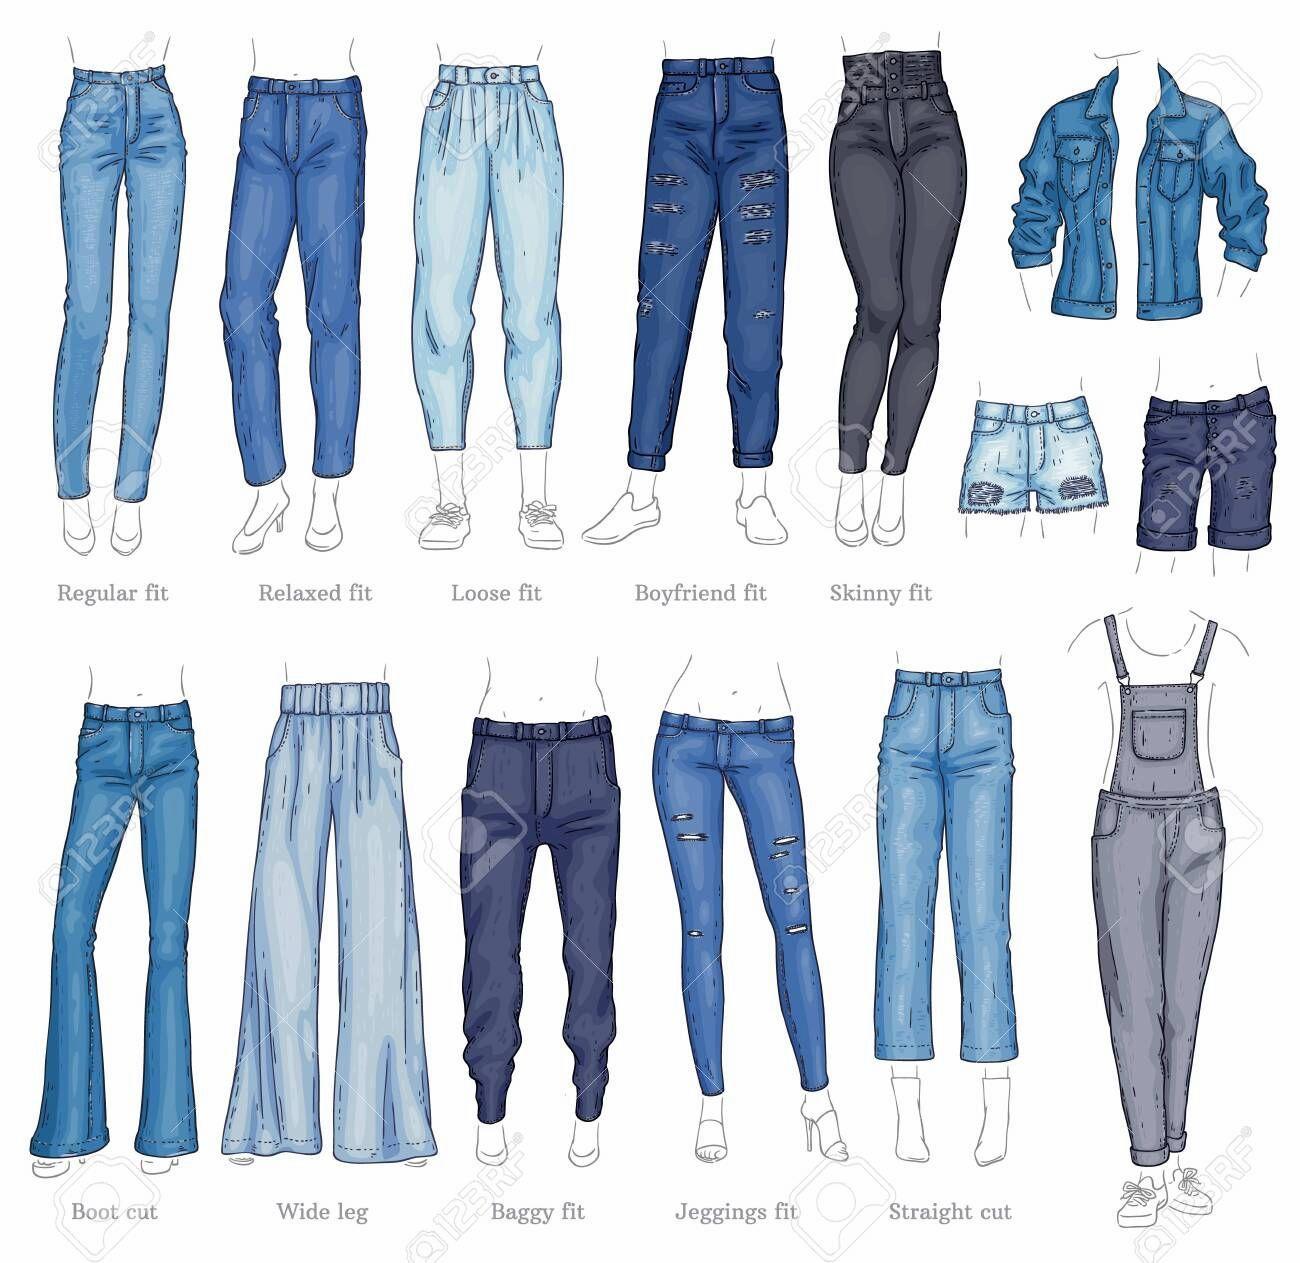 Vector De Mezclilla Para Mujer Pantalones Pantalones Cortos Y Una Chaqueta En El Croquis De Bocetos De Diseno De Moda Disenos De Ropa Dibujos Bocetos De Ropa